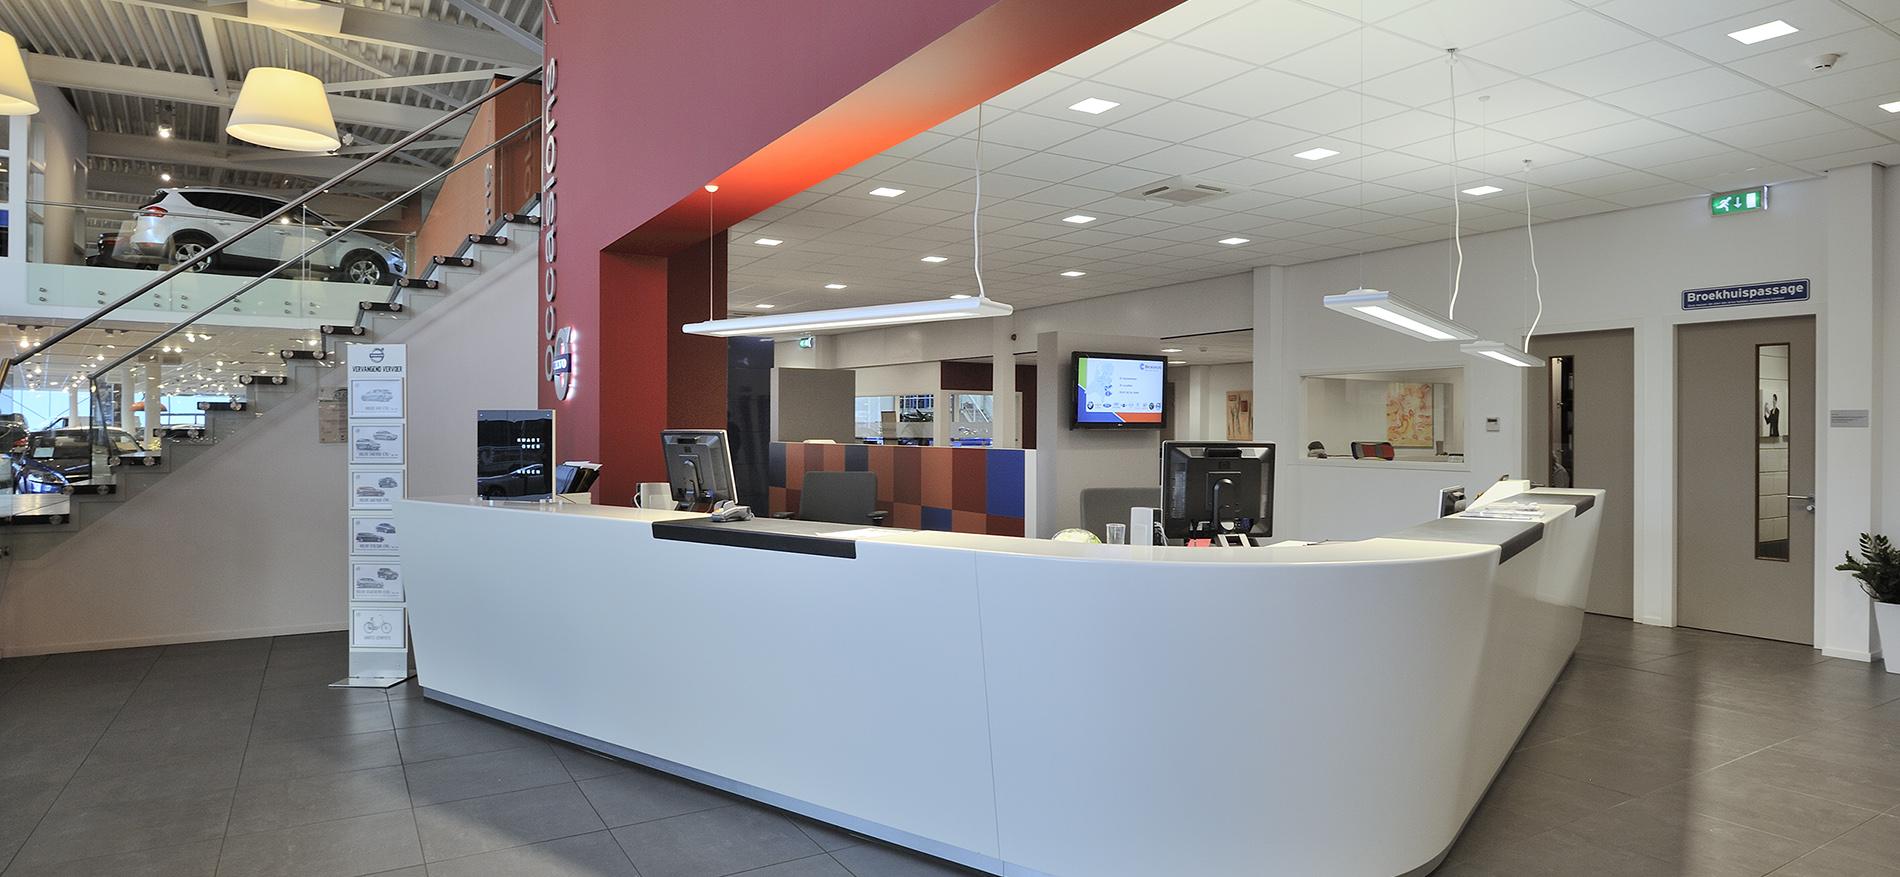 Concept design salle d 39 exposition volvo par wsb for Auto interieur reinigen rotterdam